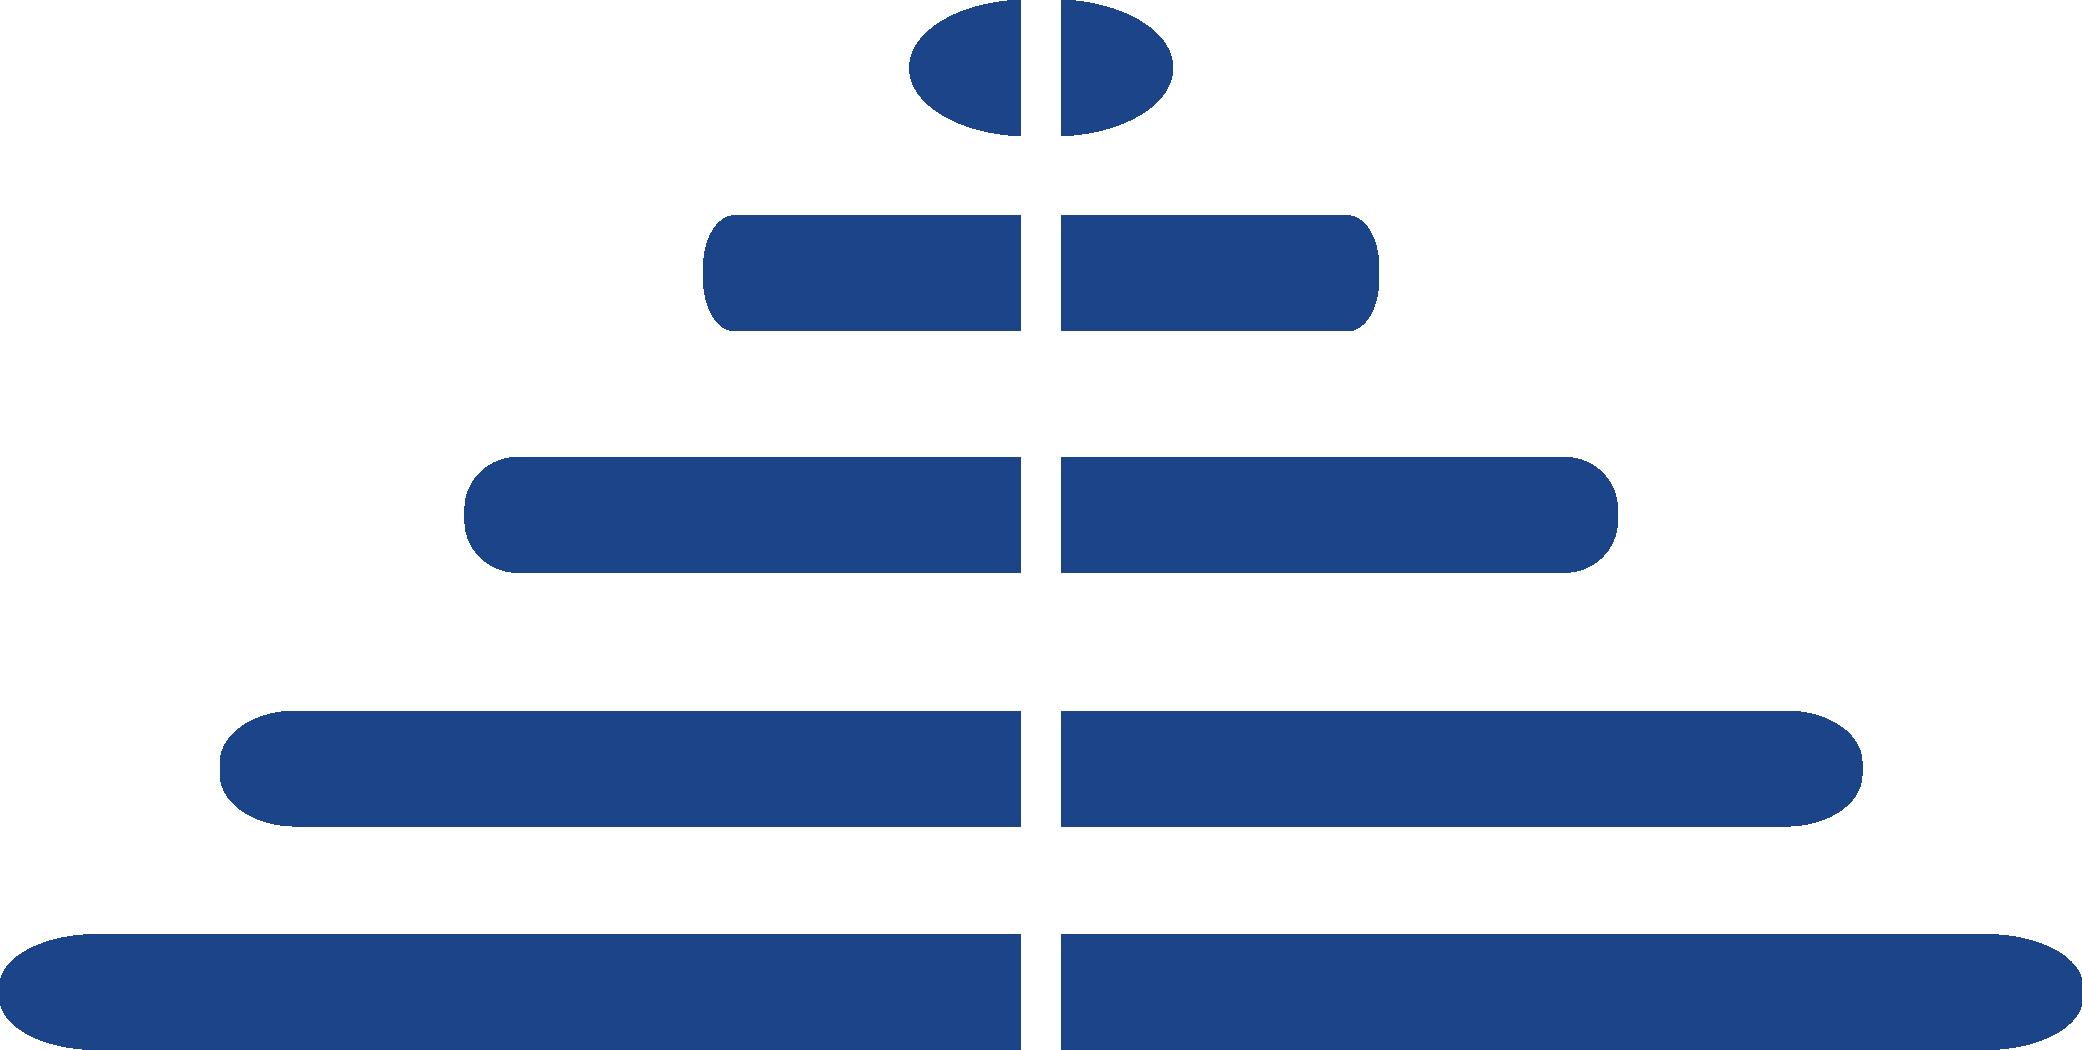 3 PNG blå utan text 6644_m3